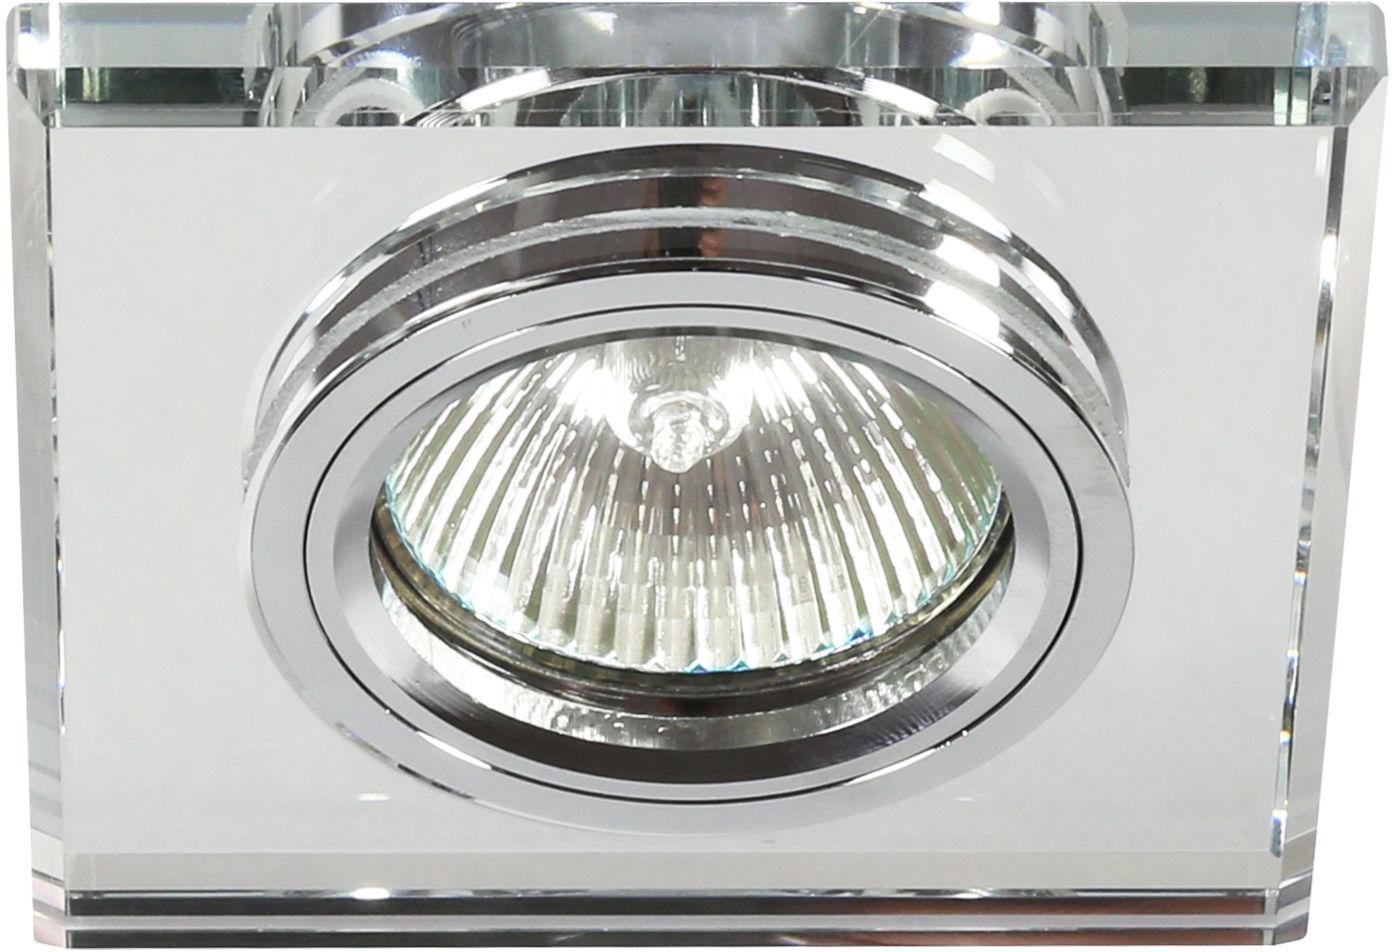 Candellux SS-13 CH/WH 2230453 oprawa do wbudowania chrom MR16 oczko sufitowe kwadratowa szkło przeźroczyste min. 6,4cm